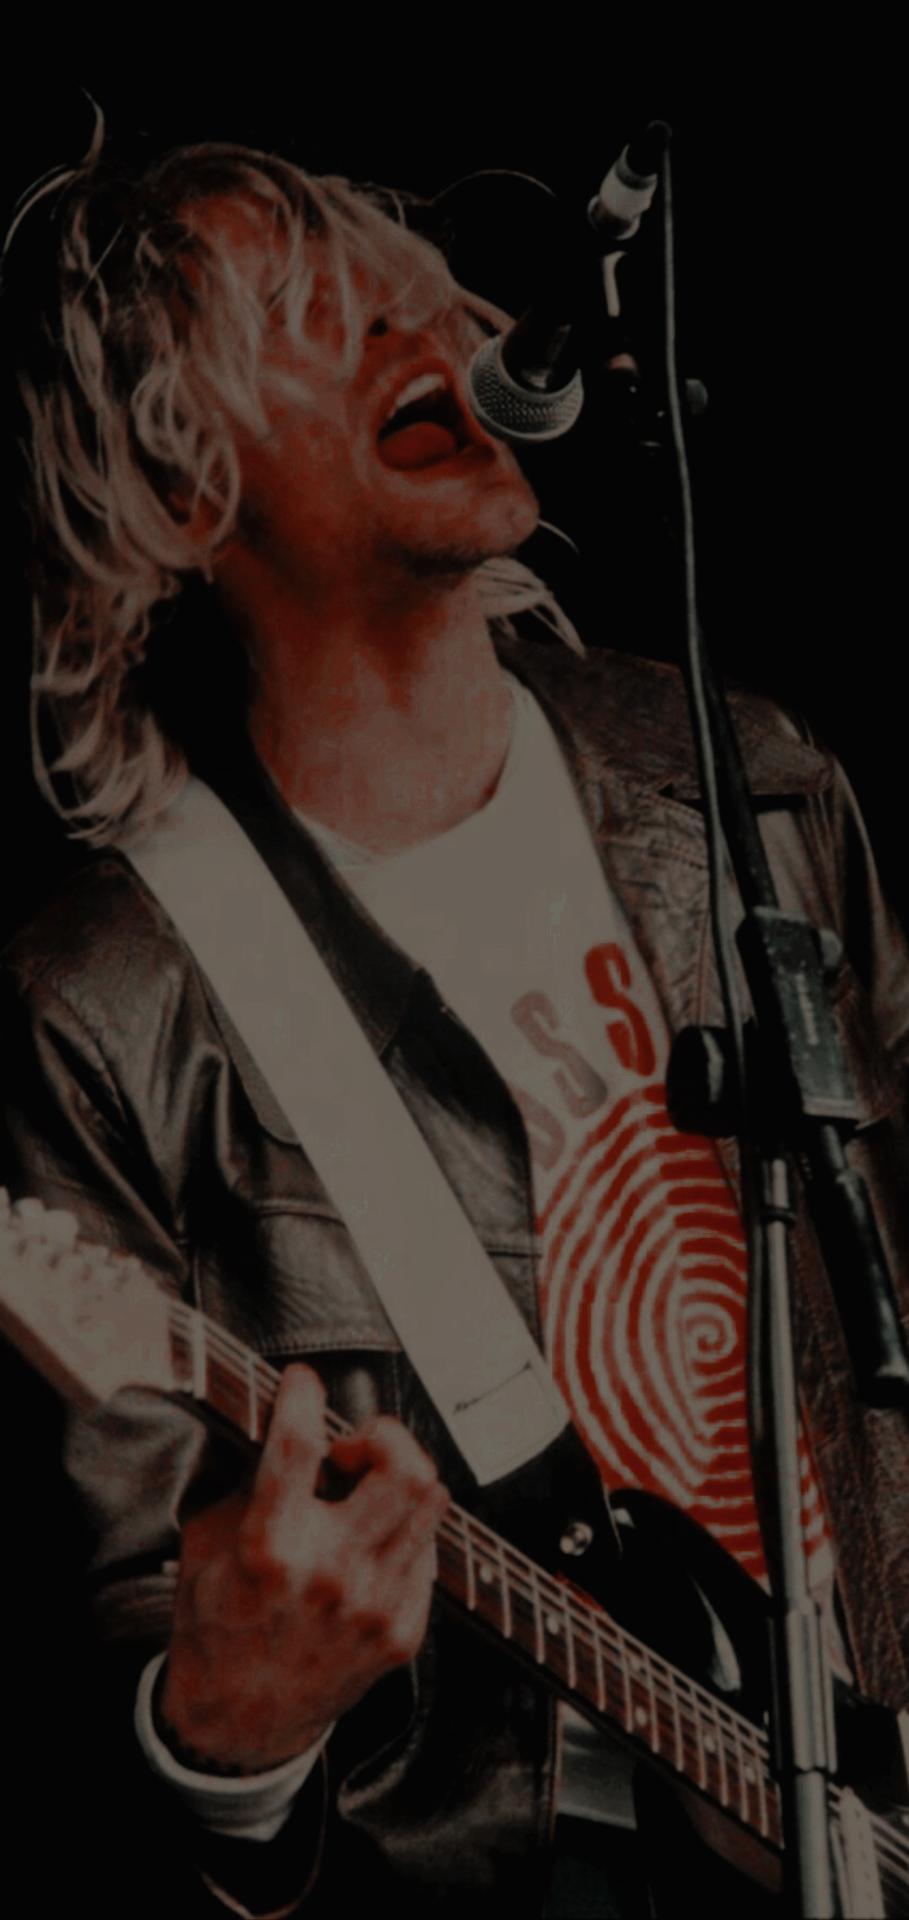 𝑷𝑨𝑹𝑨𝑫𝑰𝑺𝑬 𝑪𝑰𝑻𝒀 𝑲𝒖𝒓𝒕 𝑪𝒐𝒃𝒂𝒊𝒏 𝑳𝒐𝒄𝒌𝒔𝒄𝒓𝒆𝒆𝒏𝒔 𝐿𝑖𝑘𝑒 𝑜𝑟 𝑟𝑒𝑏𝑙𝑜𝑔 𝑖𝑓 Y𝑜𝑢 Nirvana Wallpaper Kurt Cobain Photos Kurt Cobain